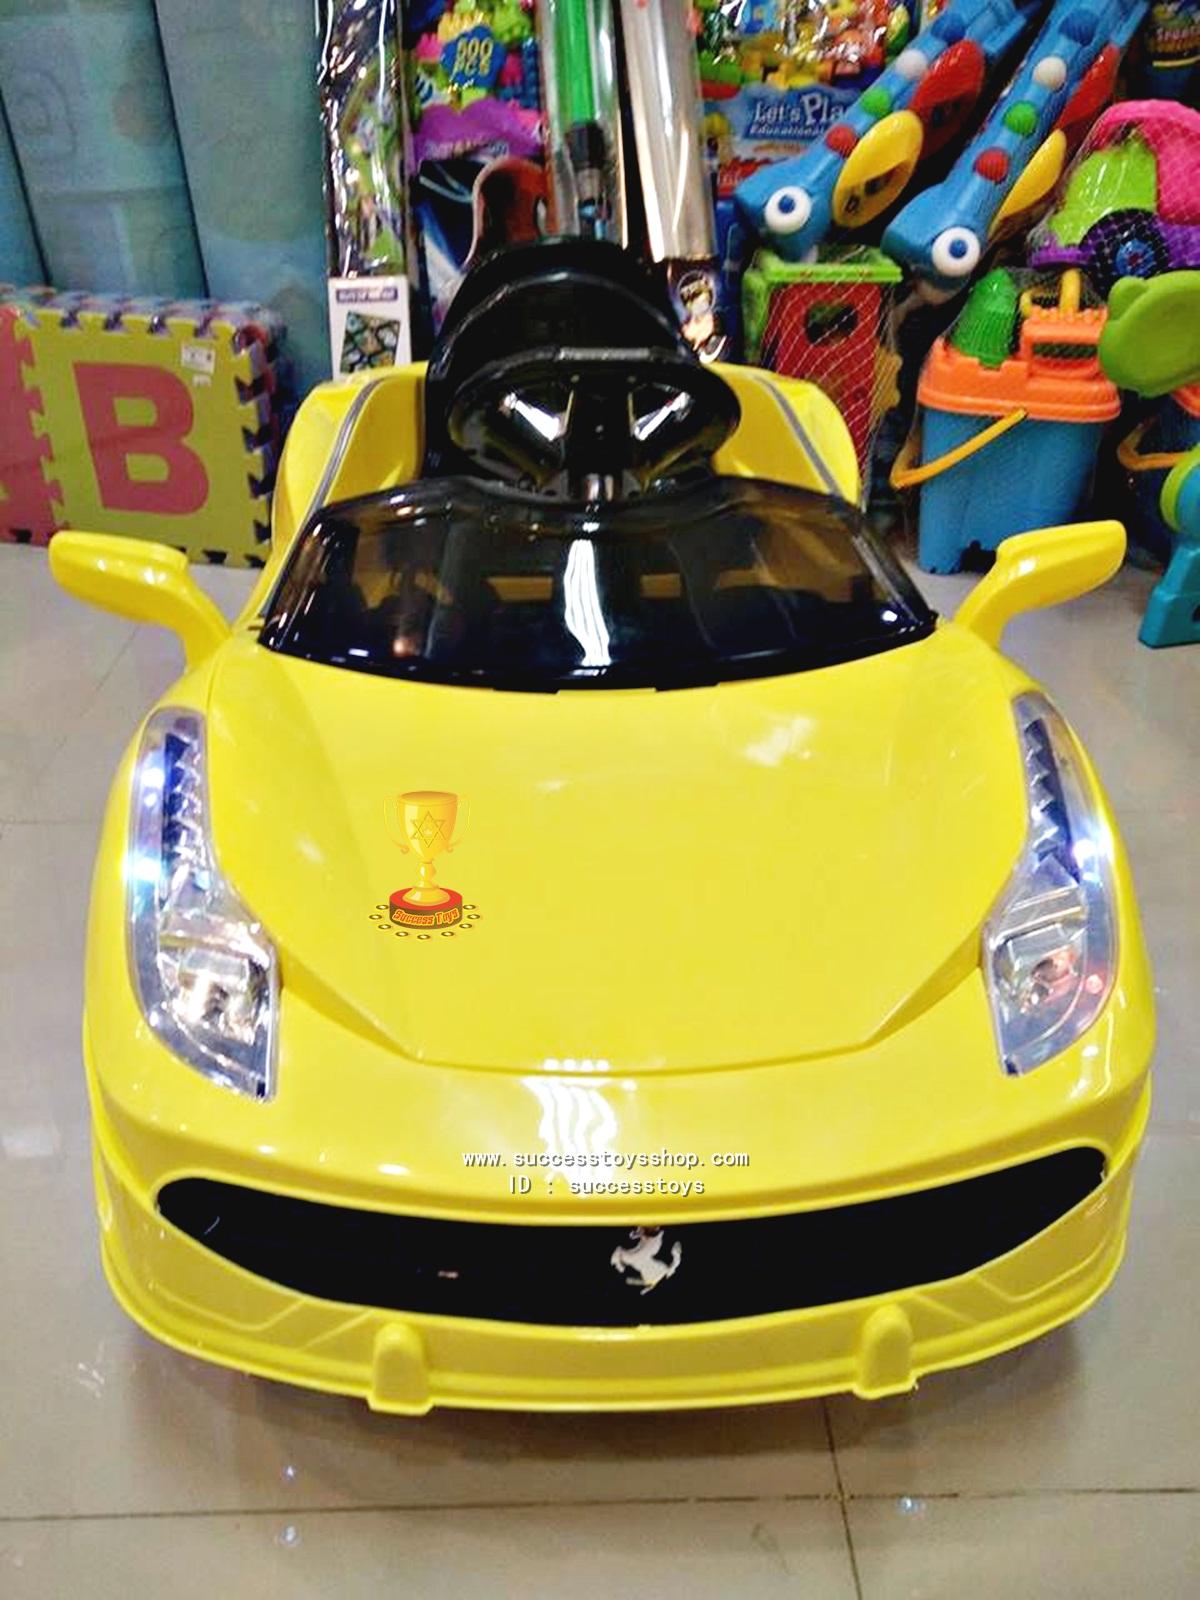 รถแบตเตอรี่เด็กนั่ง รุ่น 3165 ยี่ห้อเฟอรารี่รุ่นใหม่สีเหลือง